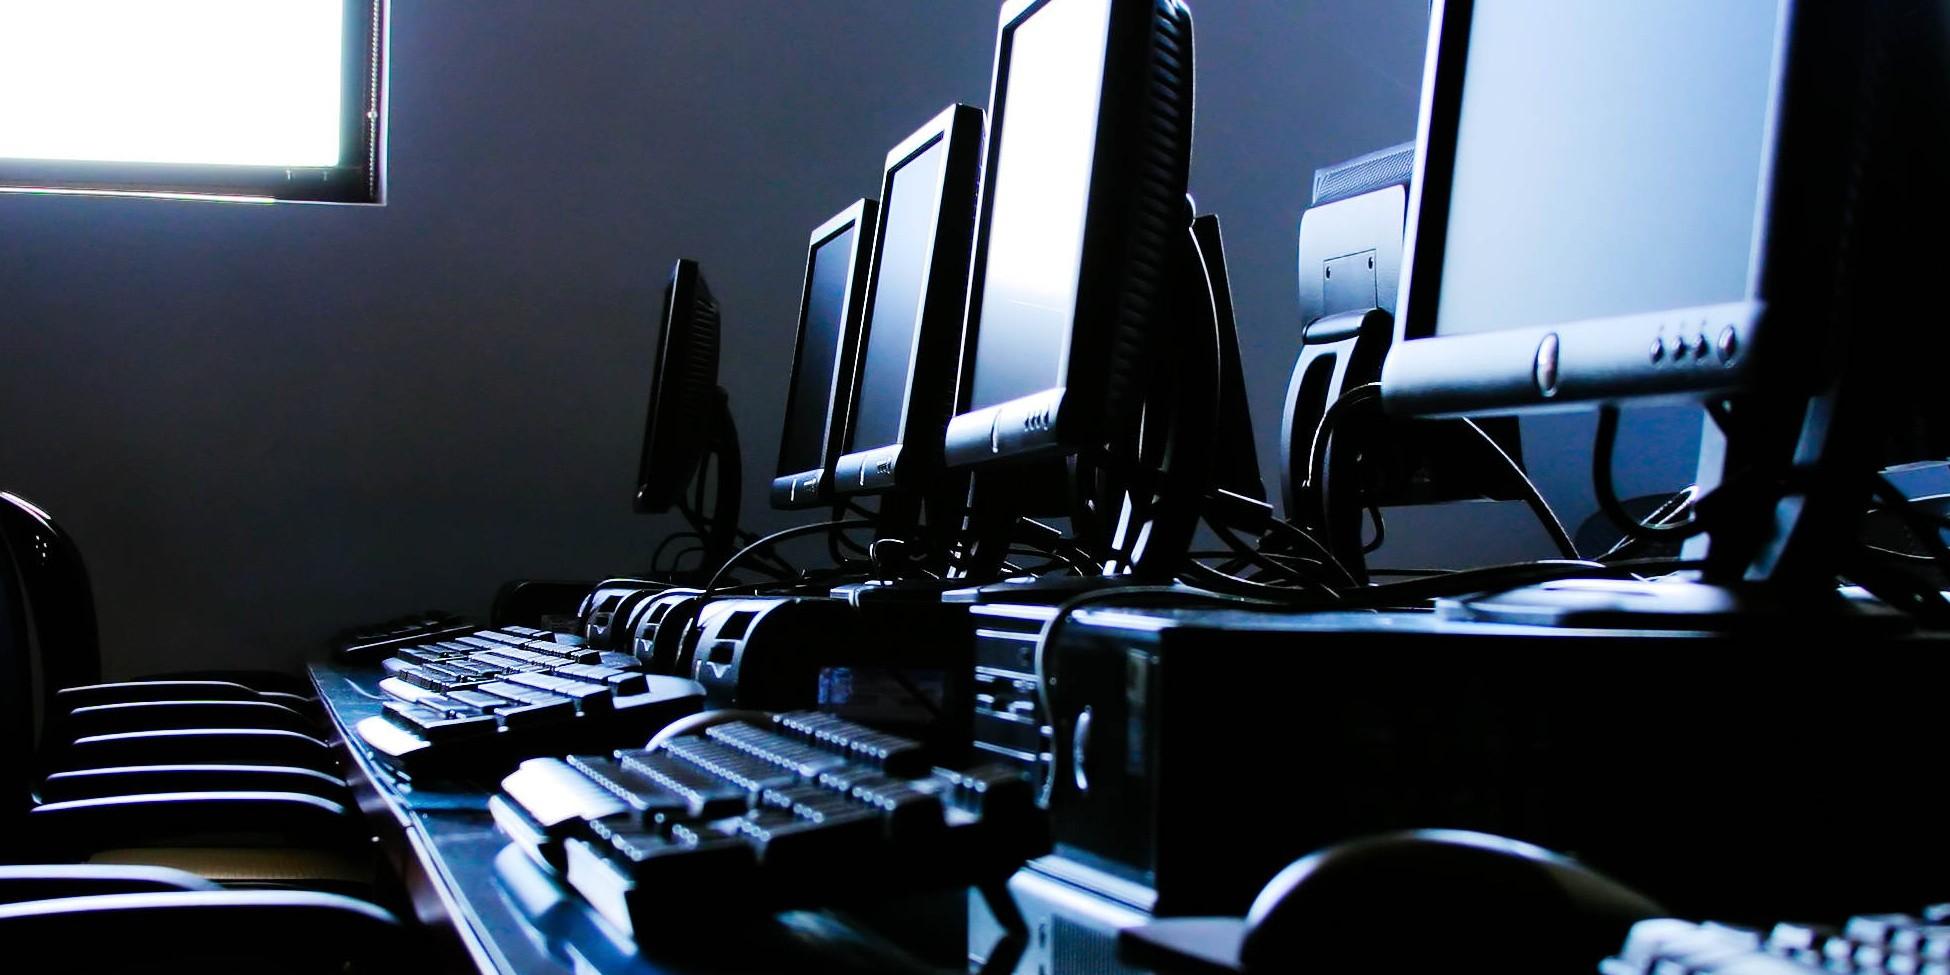 ВПетербурге разъяренный геймер разгромил компьютерный клуб